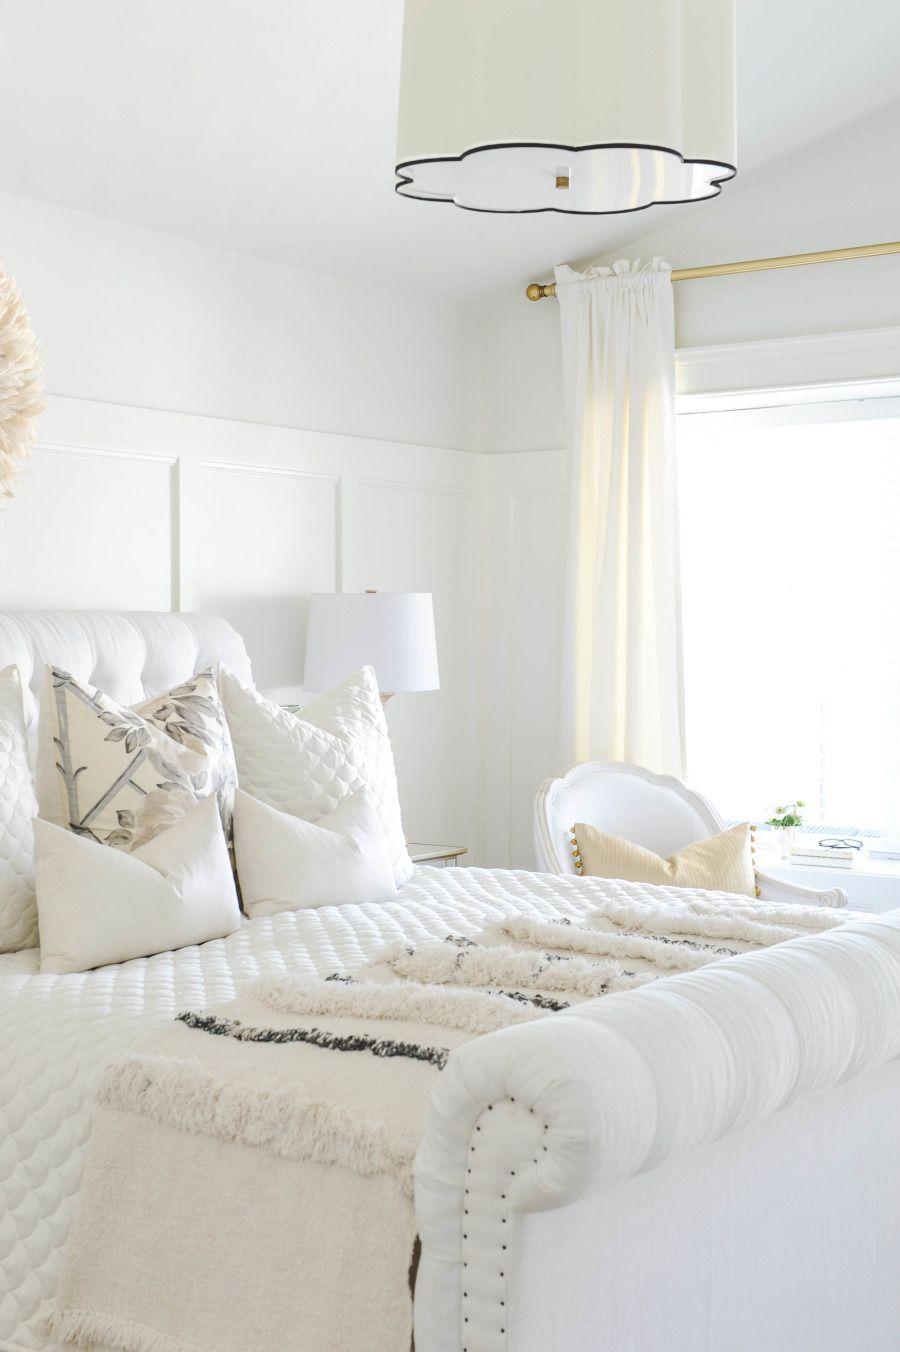 Visite une maison chic et raffin e deco pinterest deco chambre blanche chambre blanche for Deco chambre blanche